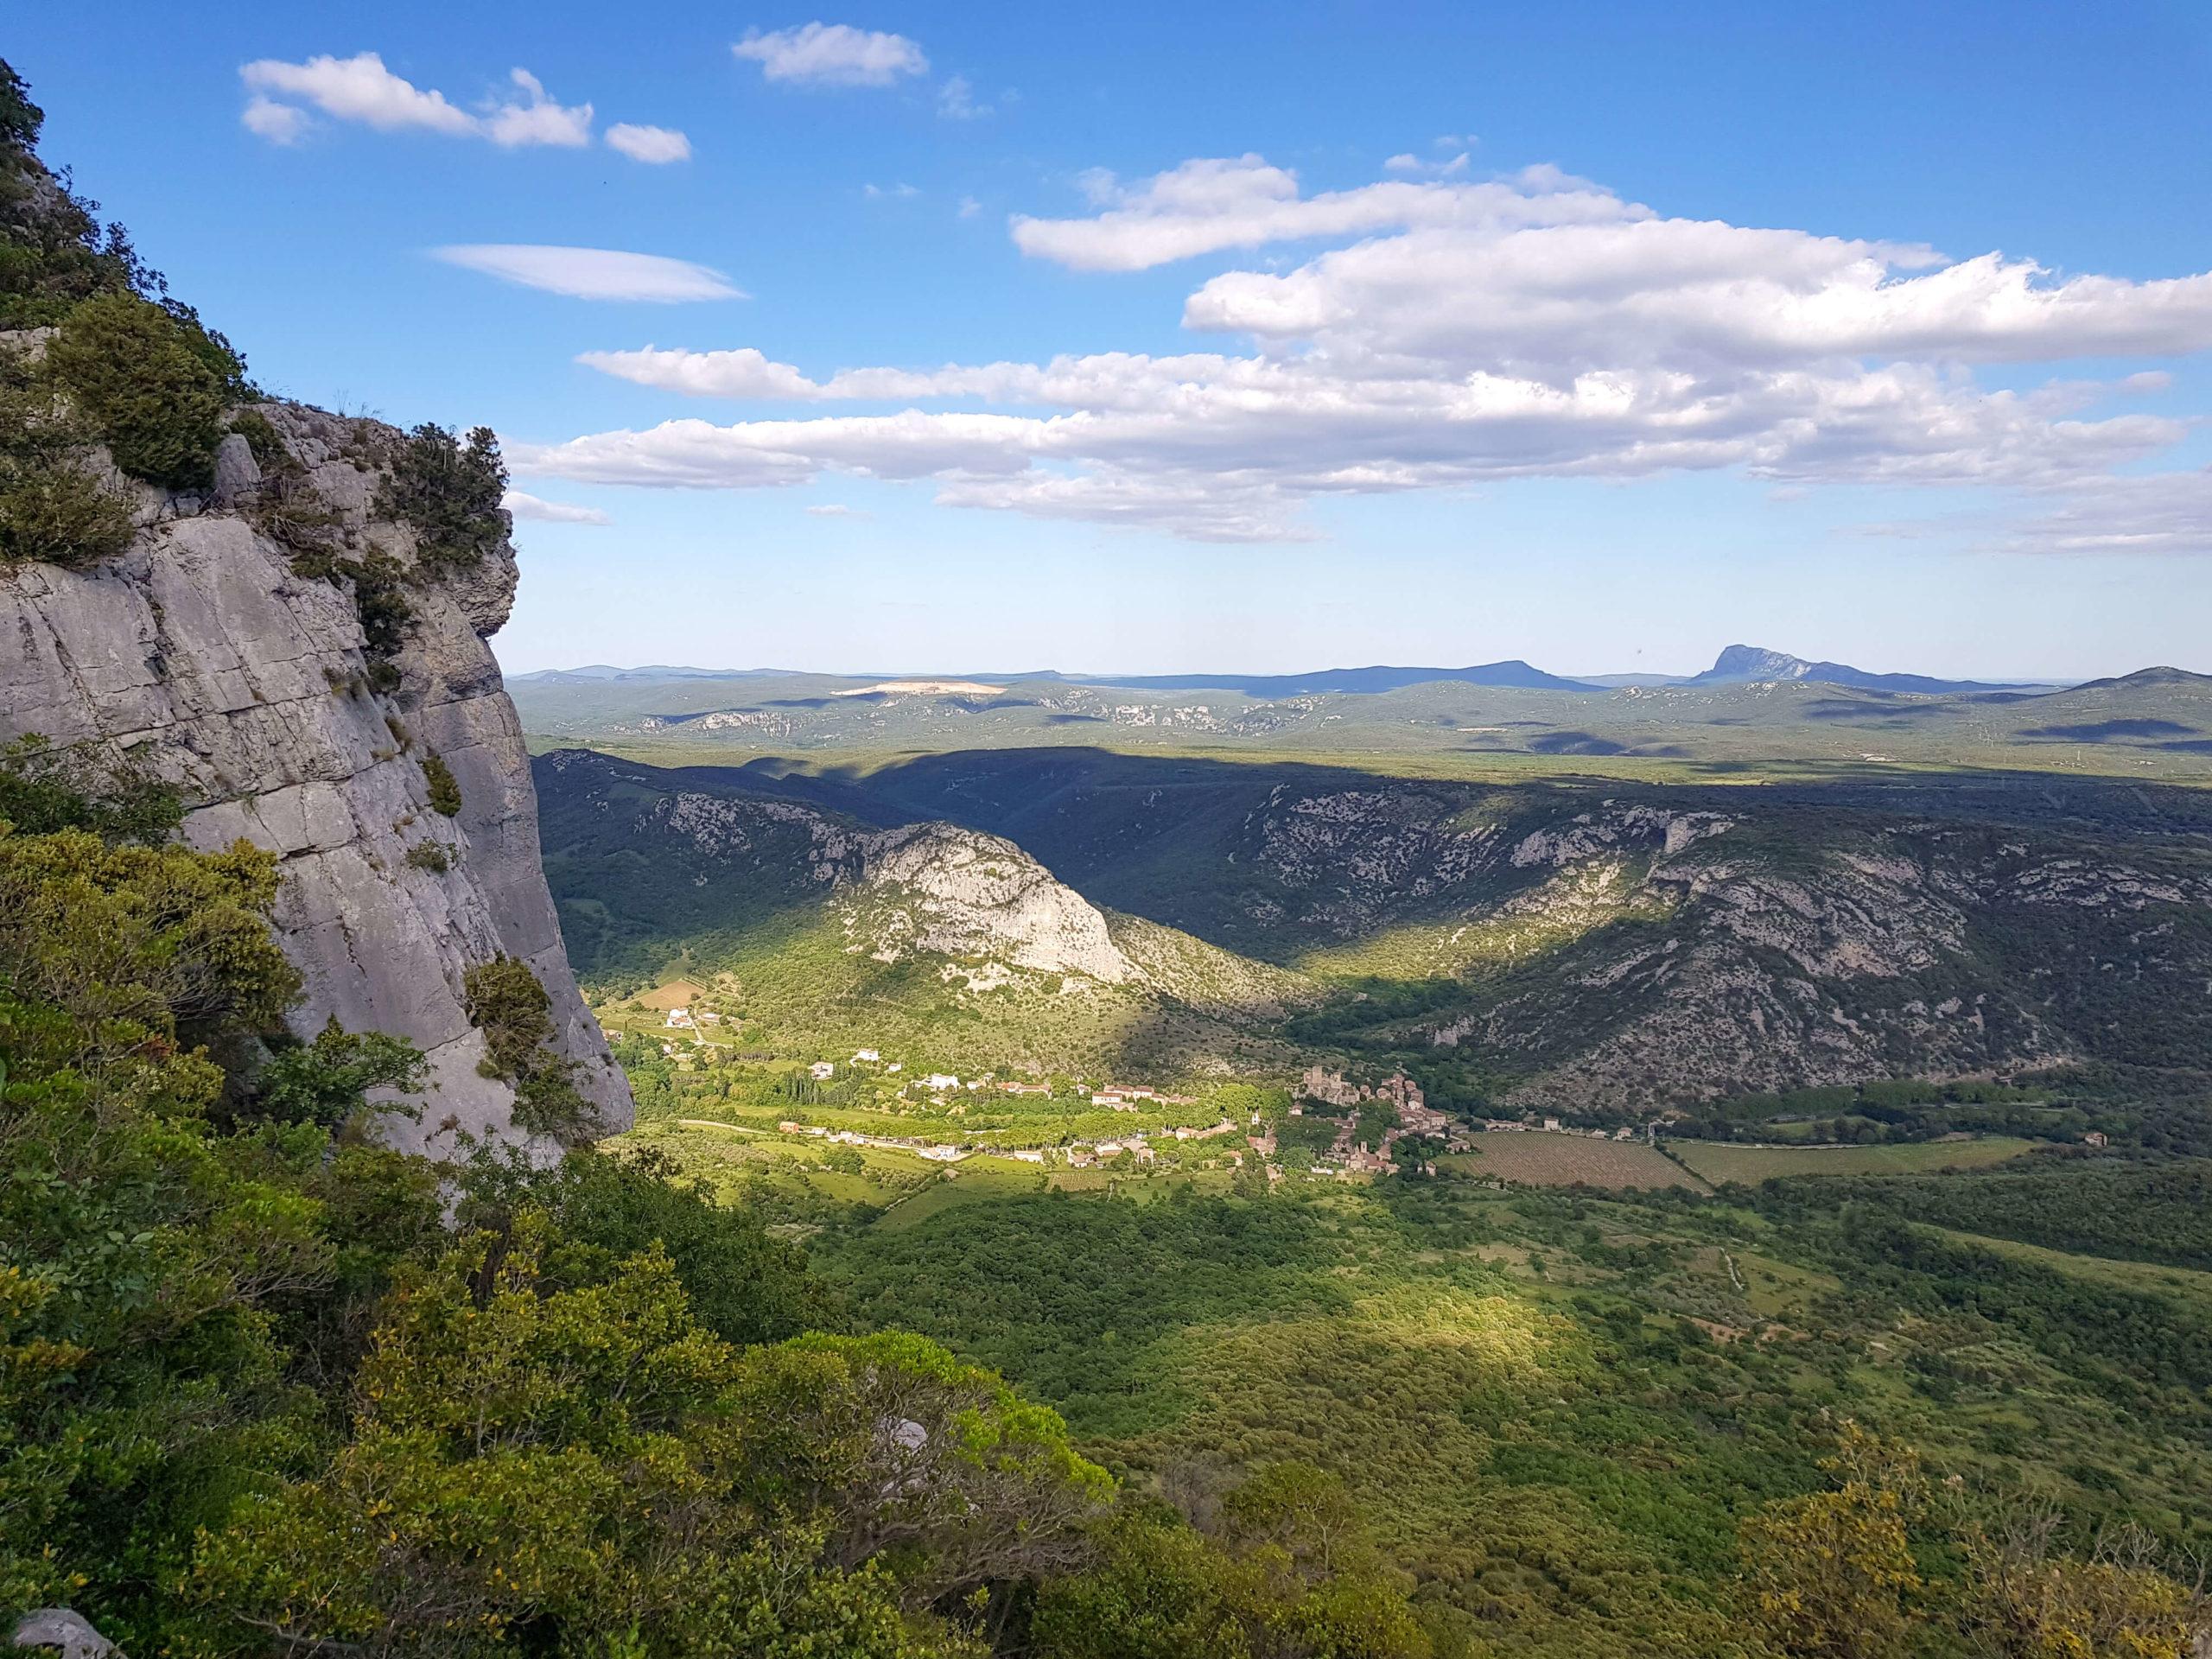 Randonnée dans l'Hérault : 10 lieux où marcher autour de Montpellier